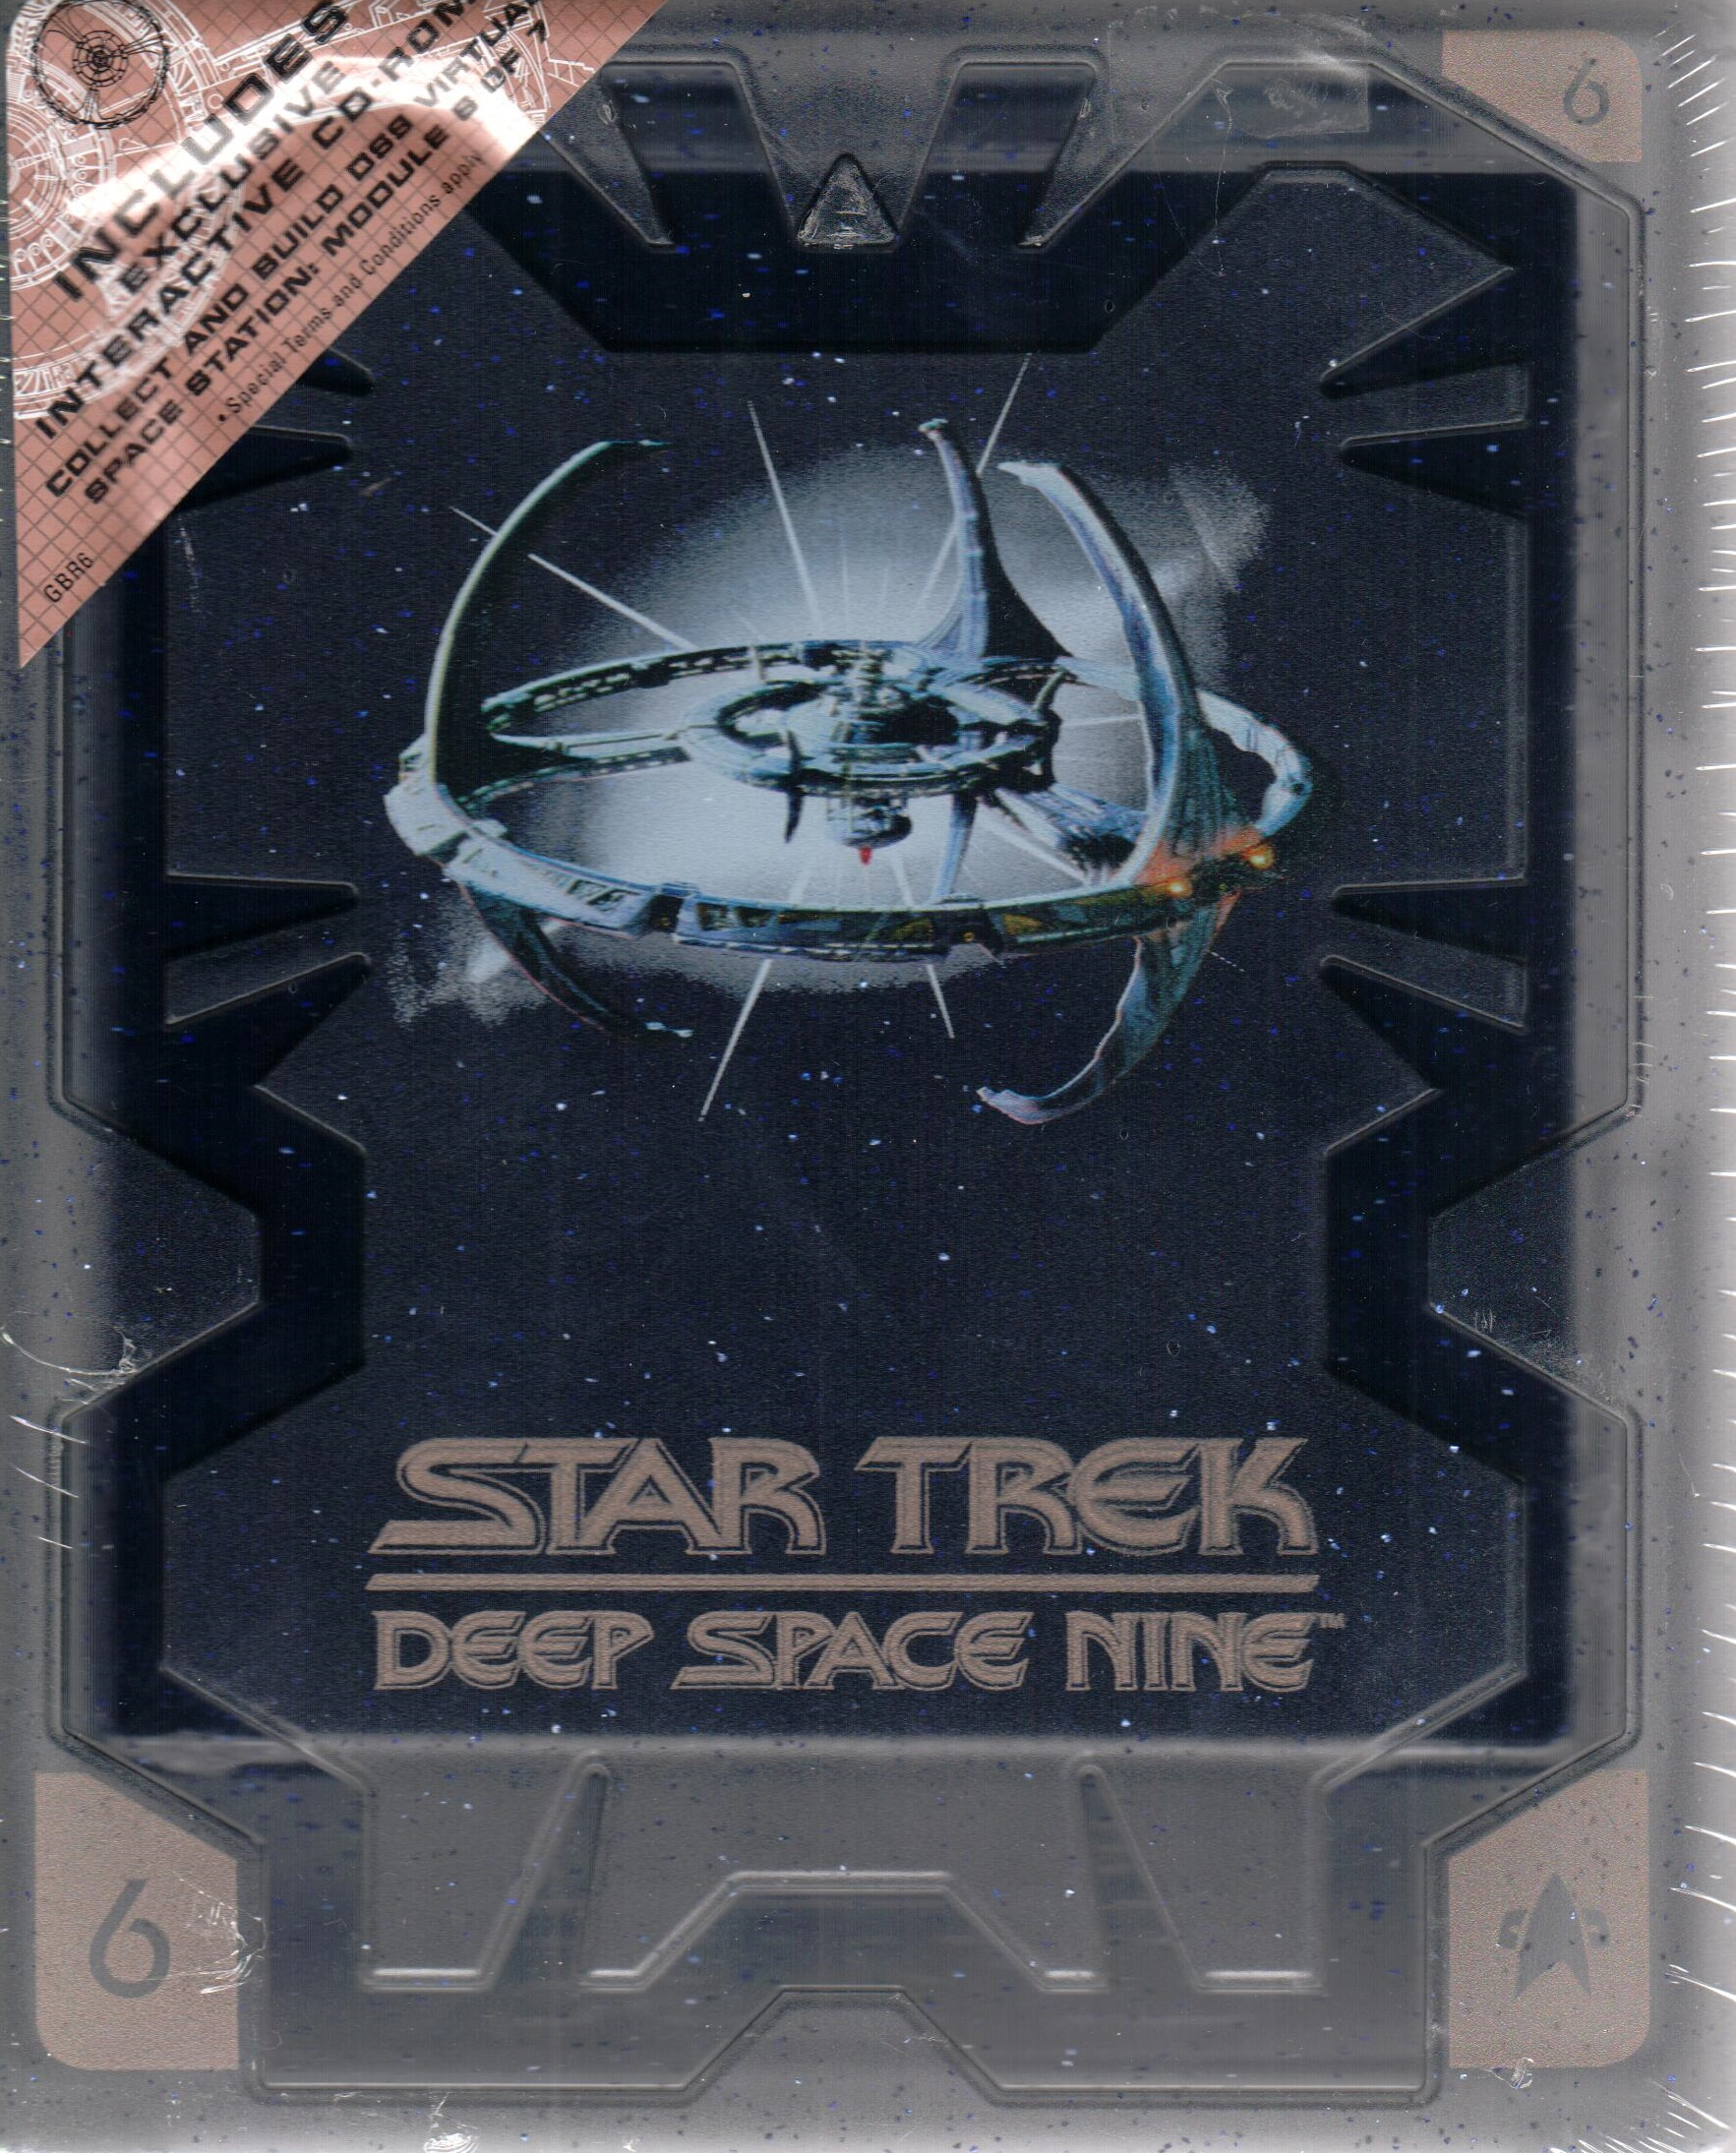 Star Trek: Deep Space Nine - Season 6 (není v CZ) - DVD